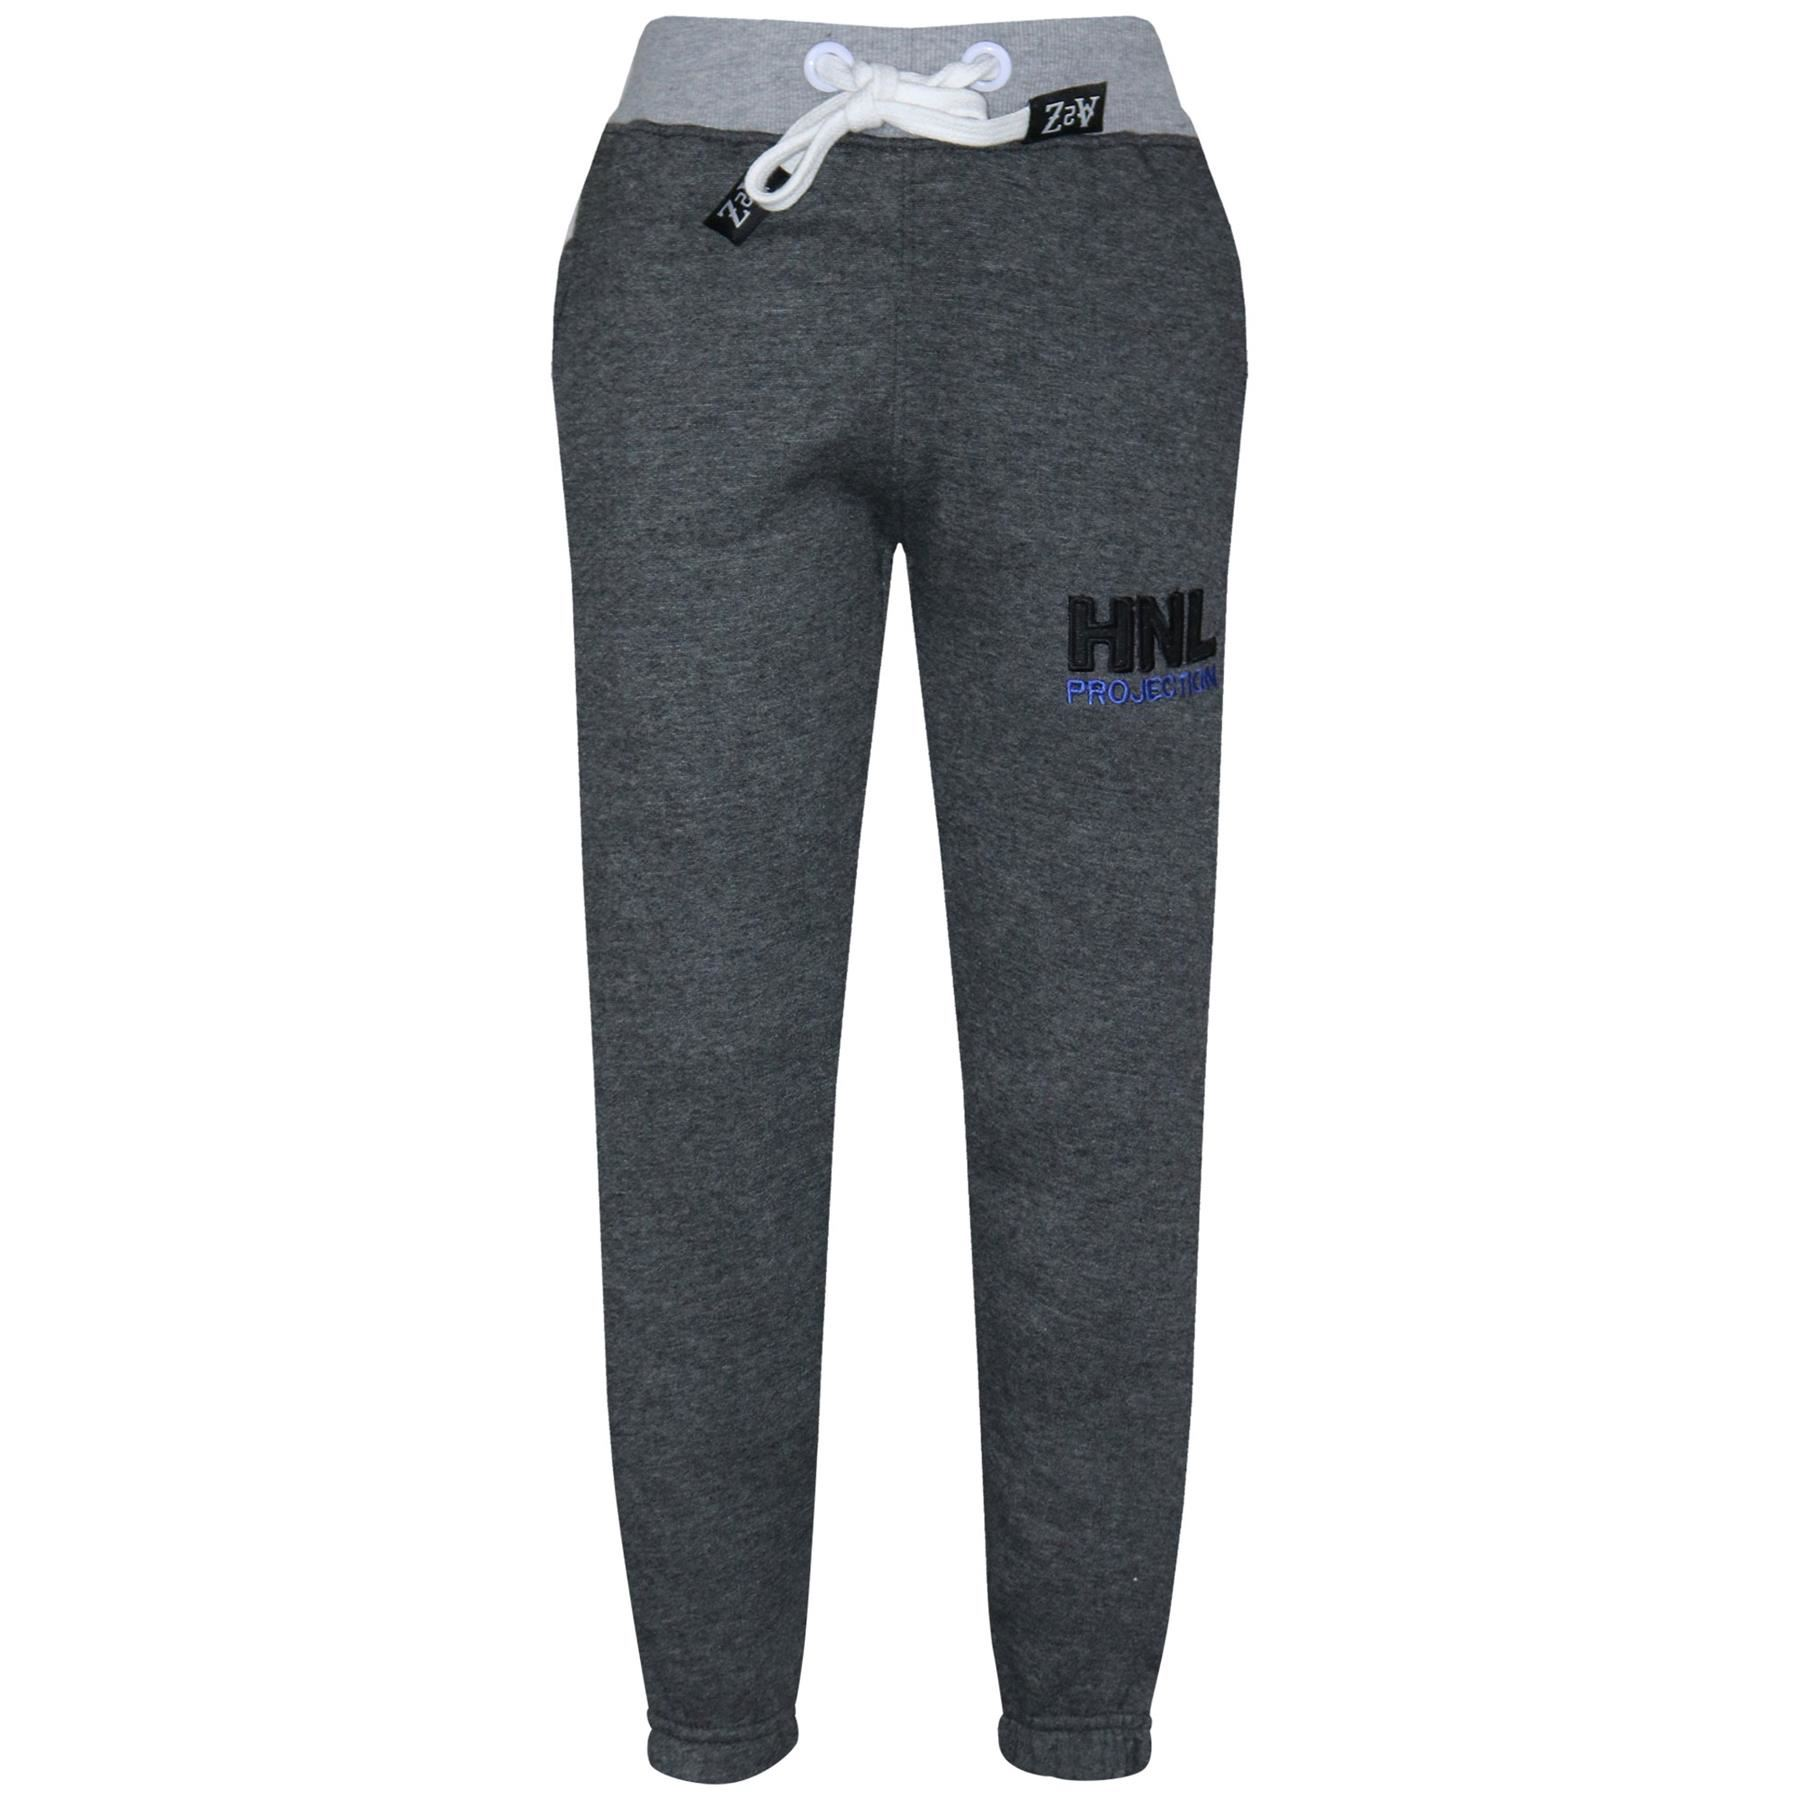 Bambini Ragazzi Design Tuta Jogging Suit Giacca Maglia Pantaloni Età 7-13 Anno